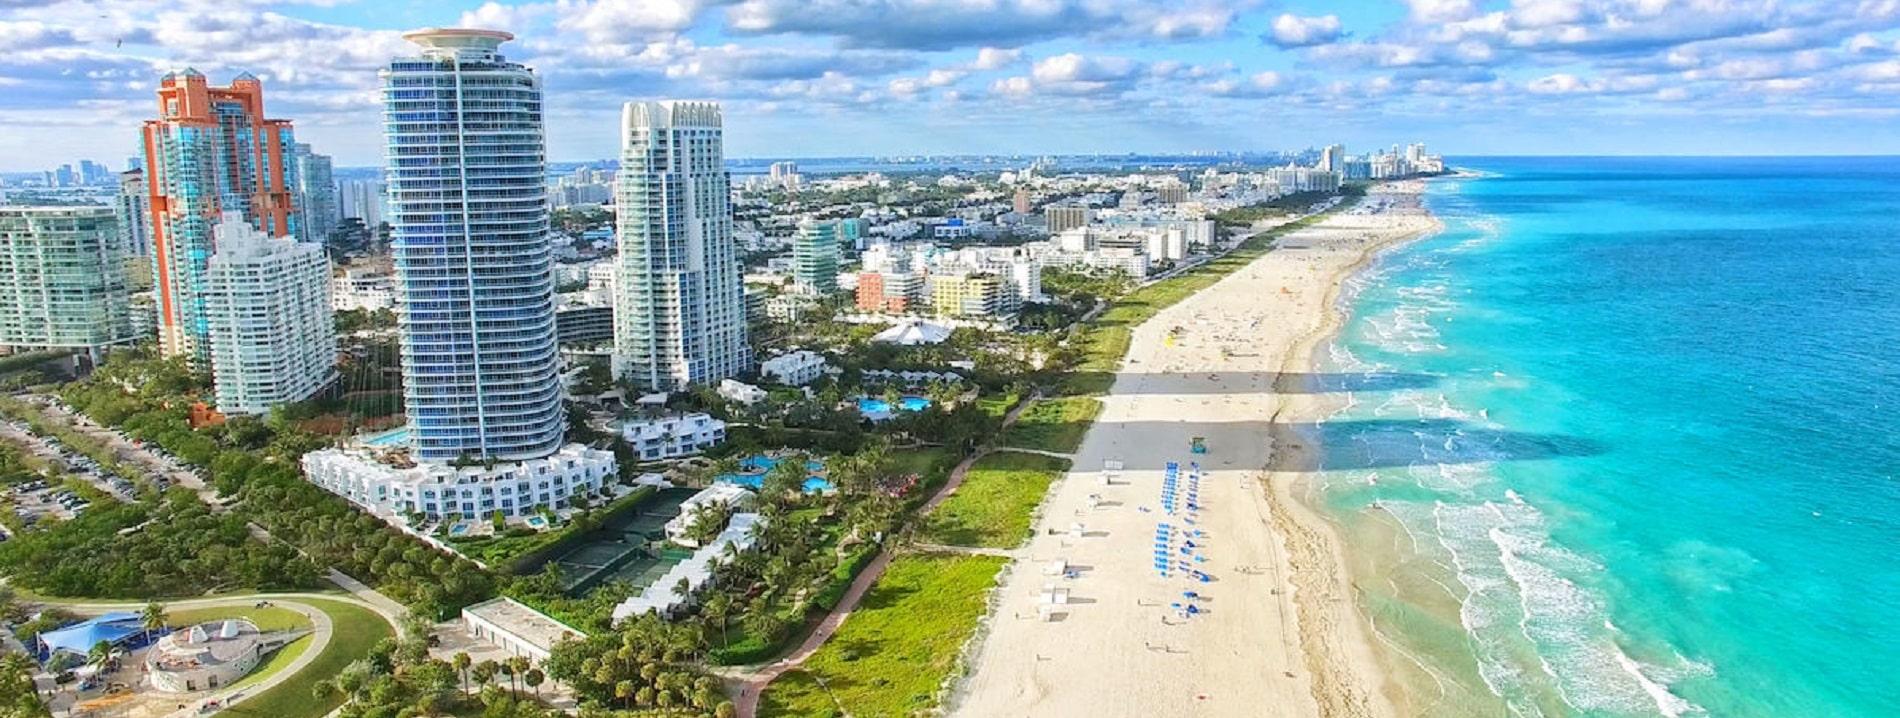 Brullen Miami